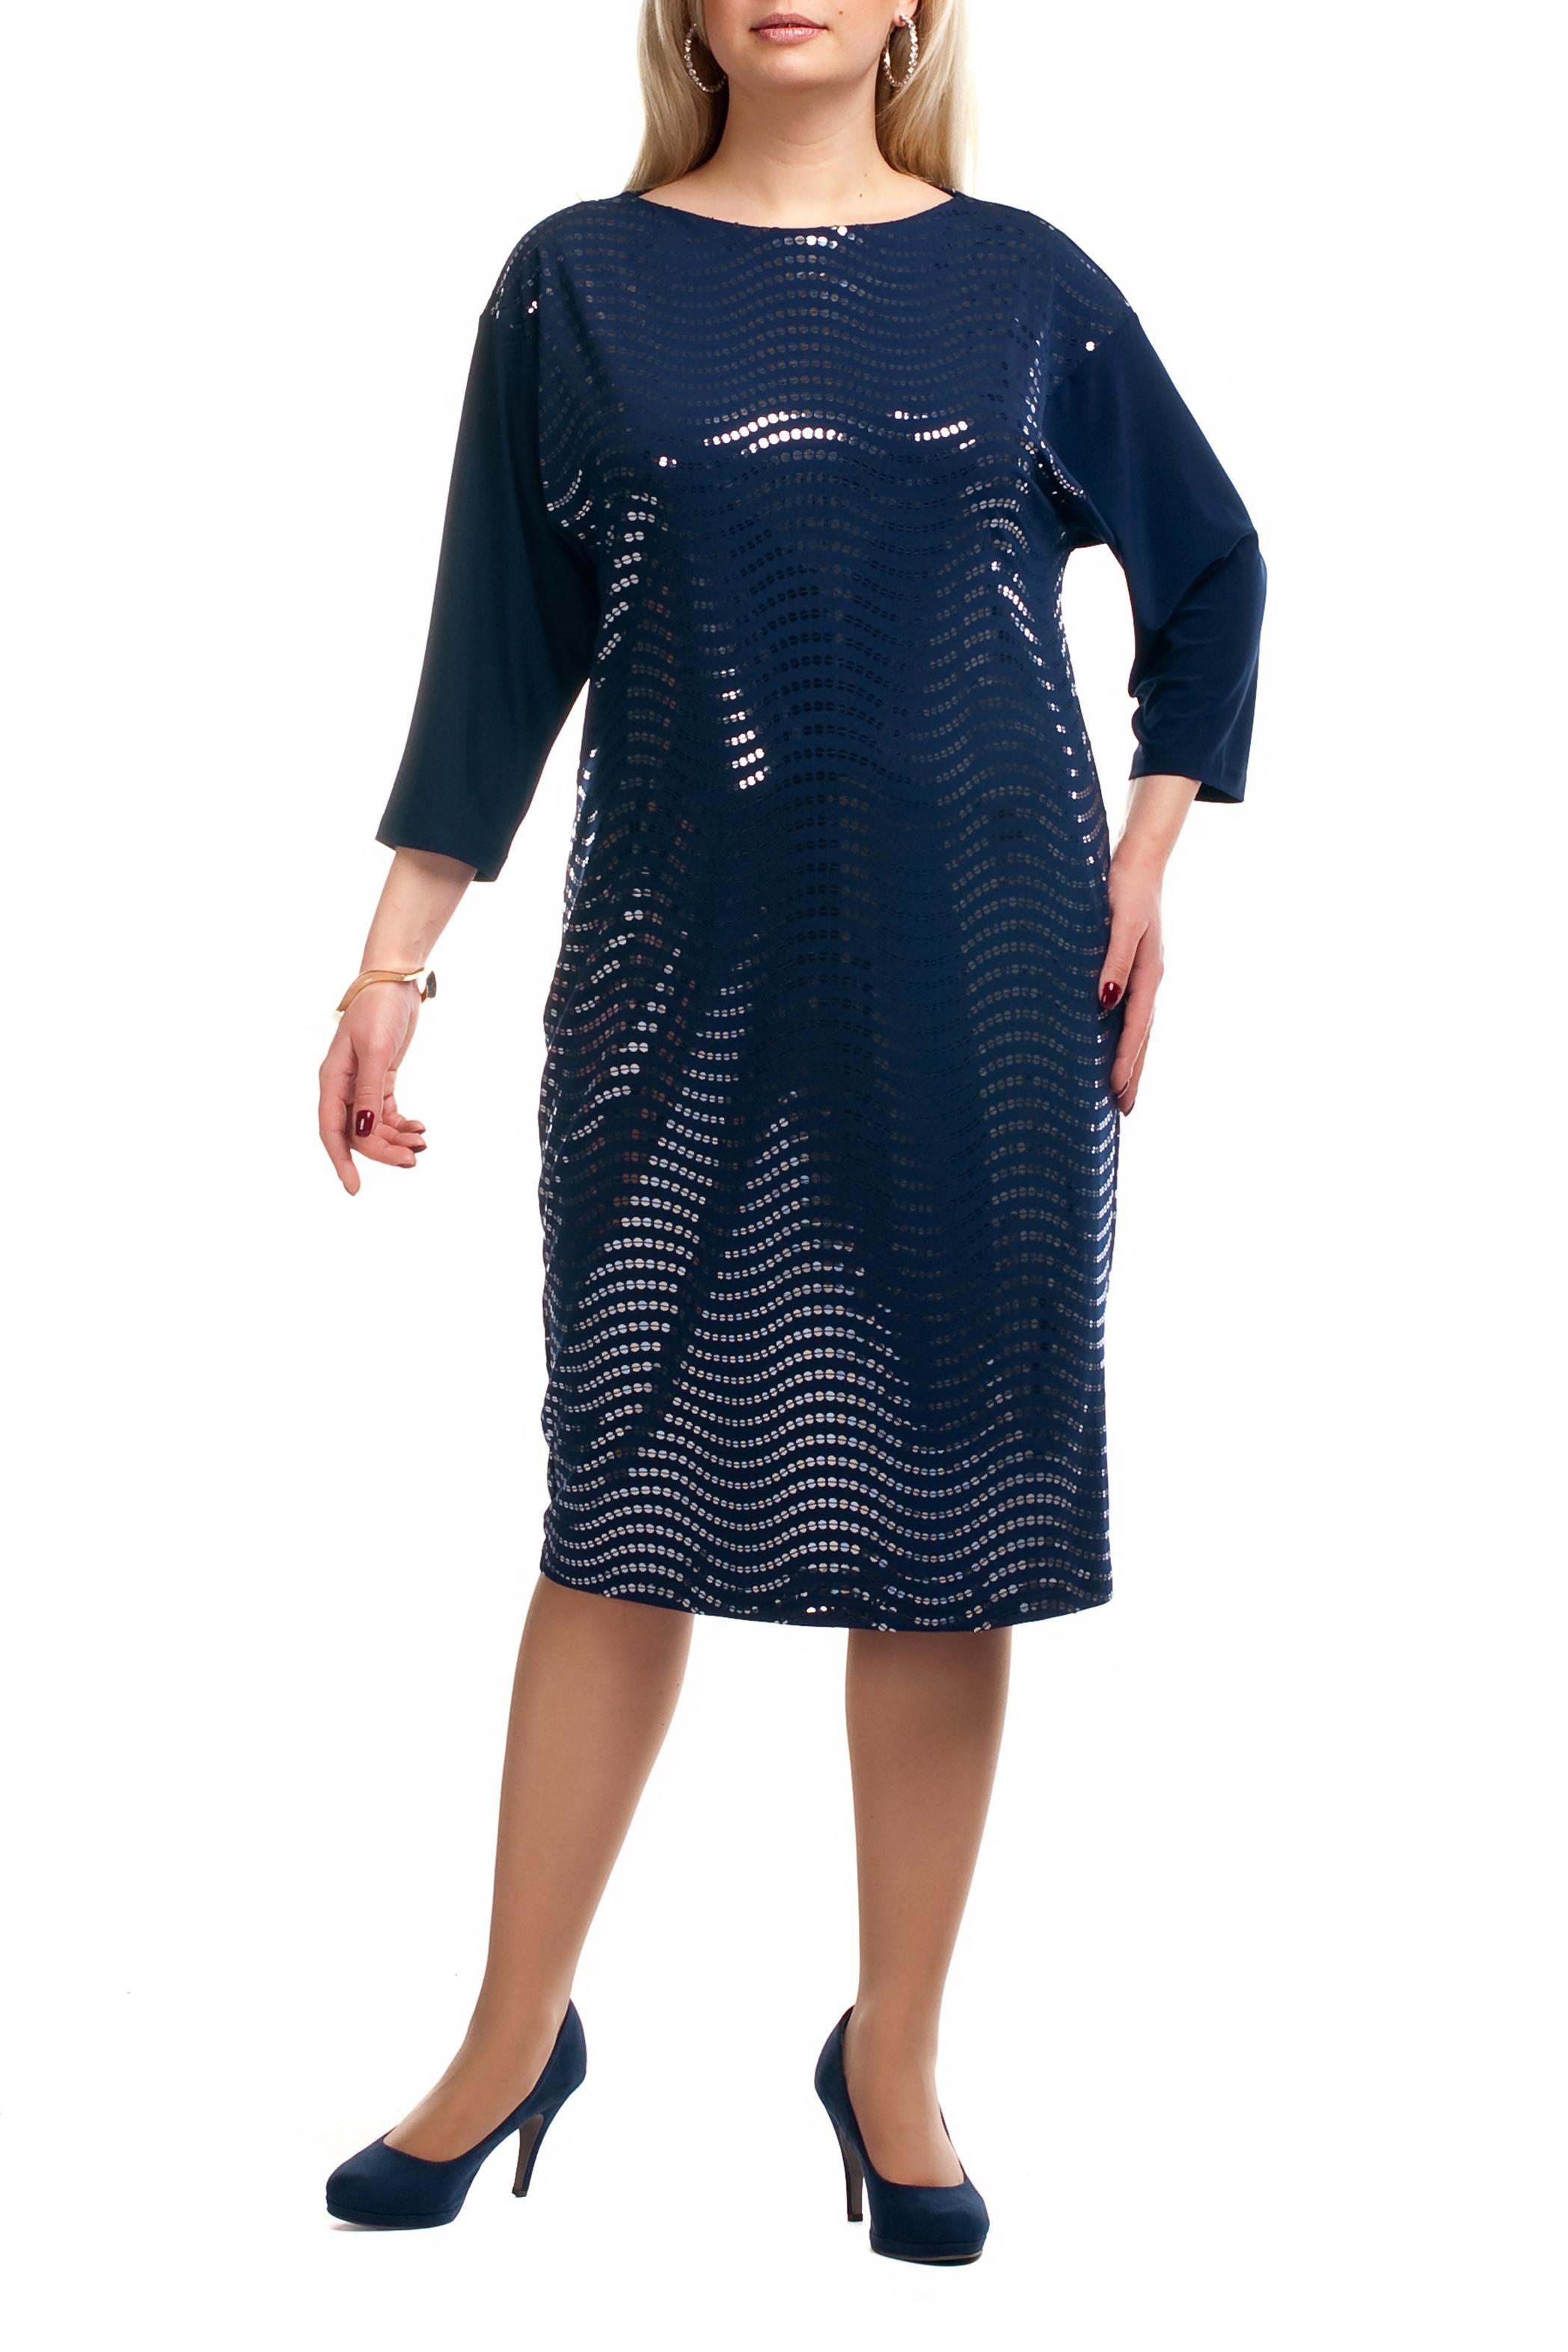 ПлатьеПлатья<br>Великолепное платье из роскошной ткани с пайетками. Модель с круглой горловиной и рукавами 3/4. Отличный выбор для любого торжества.  Цвет: синий  Рост девушки-фотомодели 173 см.<br><br>Горловина: С- горловина<br>По длине: Ниже колена<br>По рисунку: Однотонные<br>По сезону: Весна,Всесезон,Зима,Лето,Осень<br>По силуэту: Полуприталенные<br>По стилю: Нарядный стиль<br>По форме: Платье - футляр<br>По элементам: С декором,С отделочной фурнитурой<br>Рукав: Рукав три четверти<br>По материалу: Тканевые<br>По образу: Свидание<br>Размер : 52,62,64,66,68,70<br>Материал: Плательная ткань<br>Количество в наличии: 15